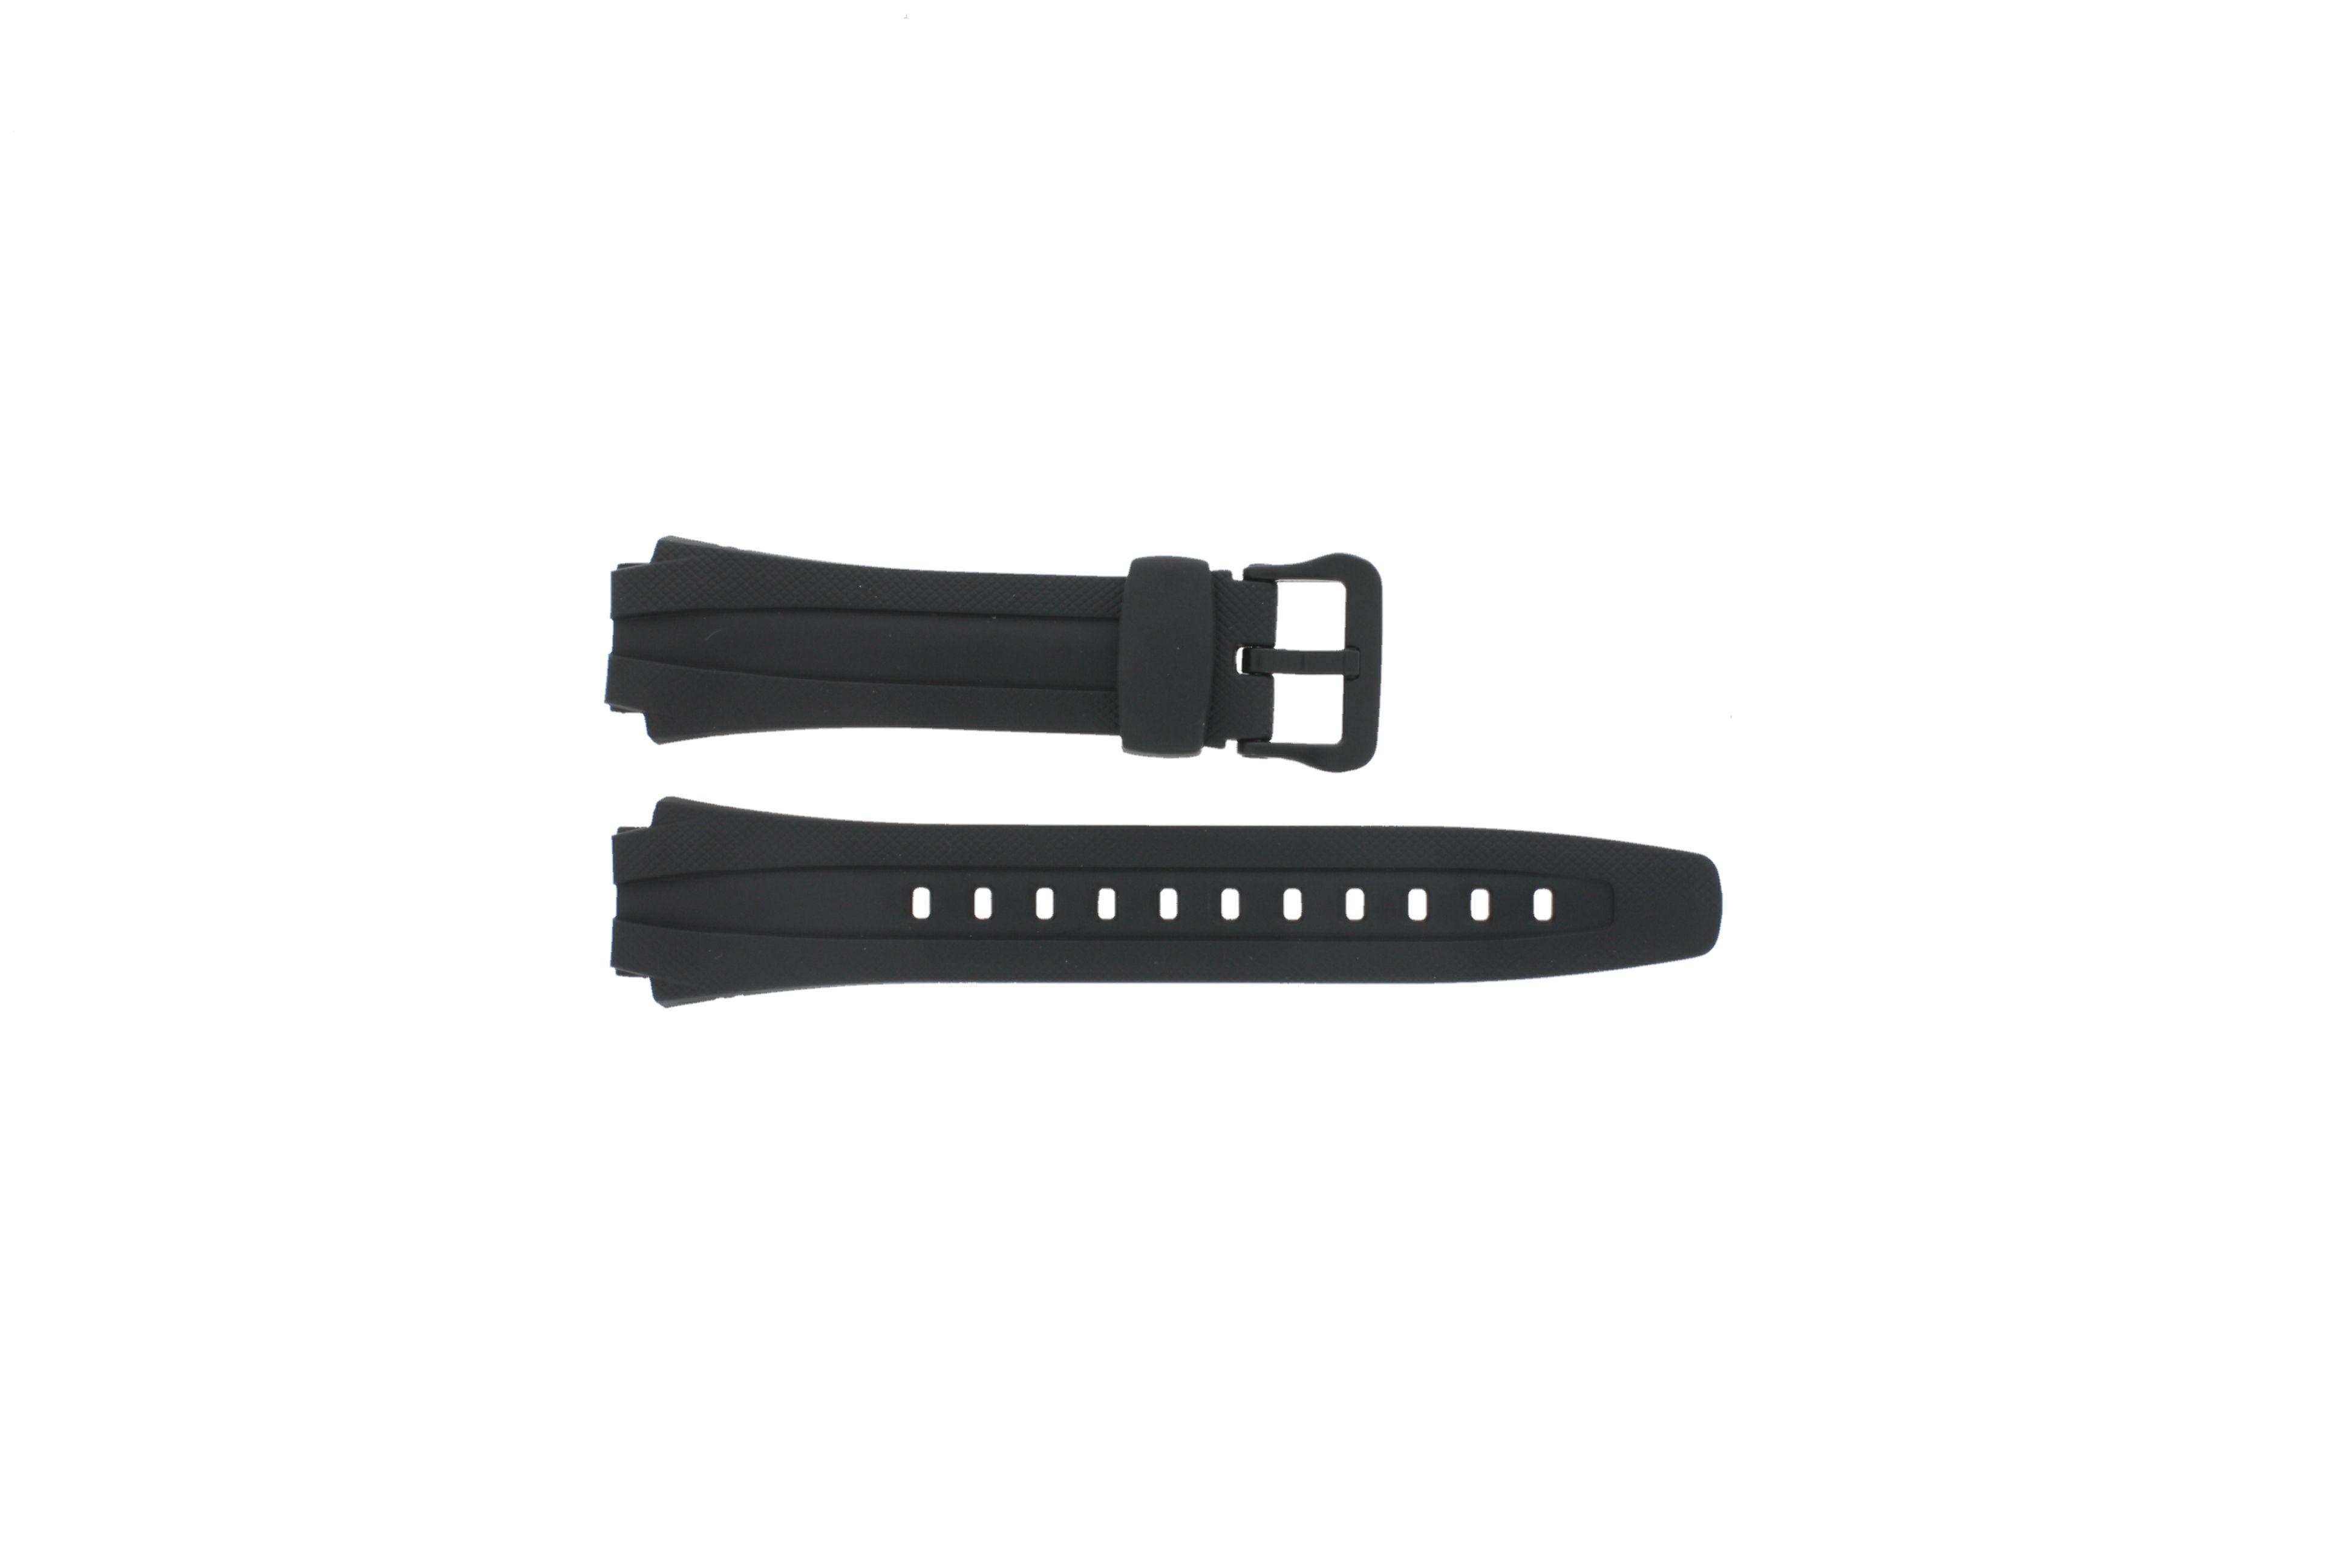 Casio horlogeband AQ-160W-1BV Silicoon Zwart 17mm